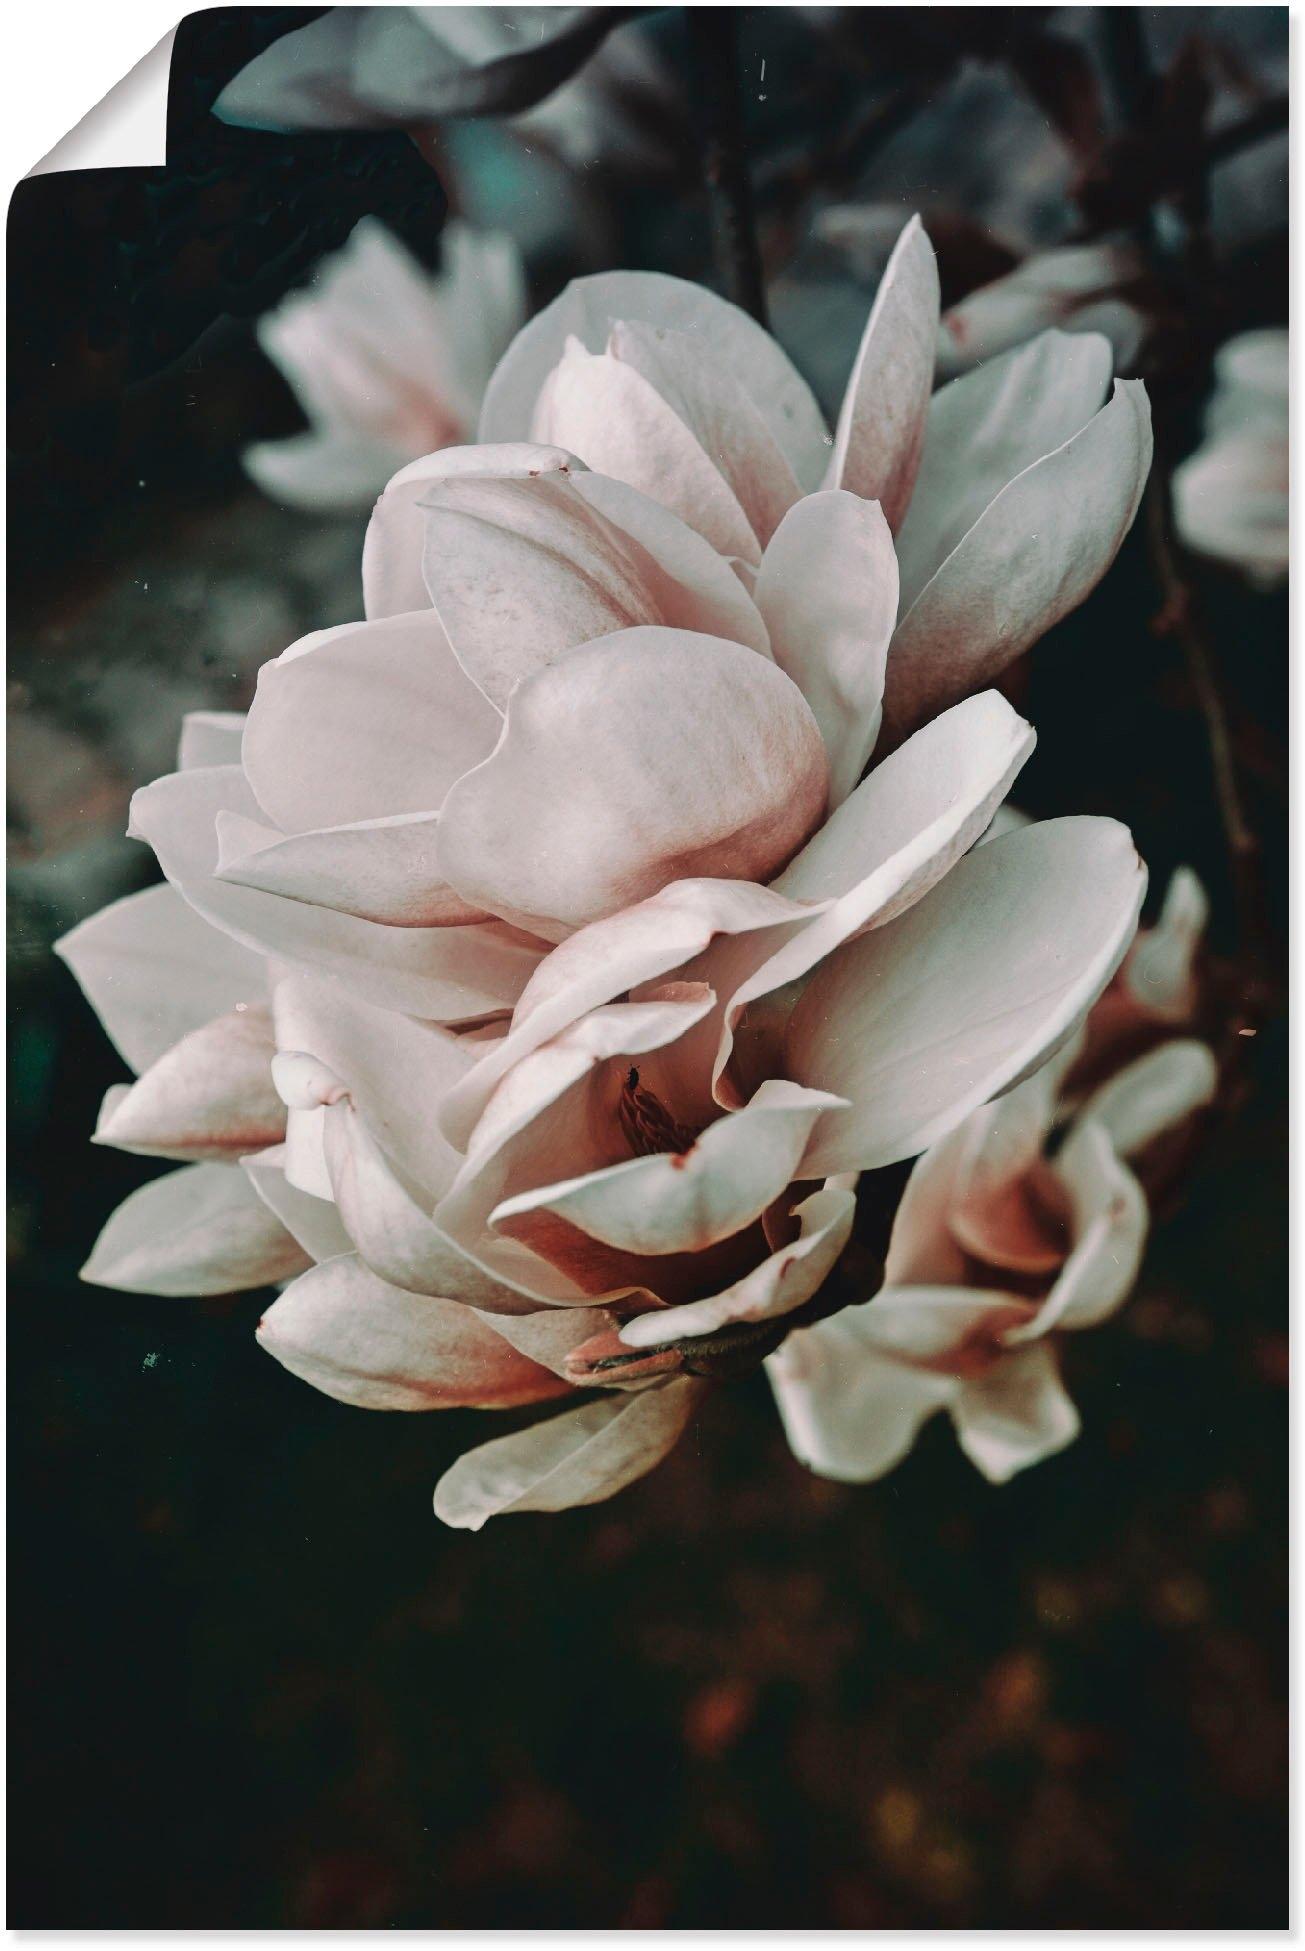 Artland artprint Magnolia II in vele afmetingen & productsoorten - artprint van aluminium / artprint voor buiten, artprint op linnen, poster, muursticker / wandfolie ook geschikt voor de badkamer (1 stuk) - gratis ruilen op otto.nl